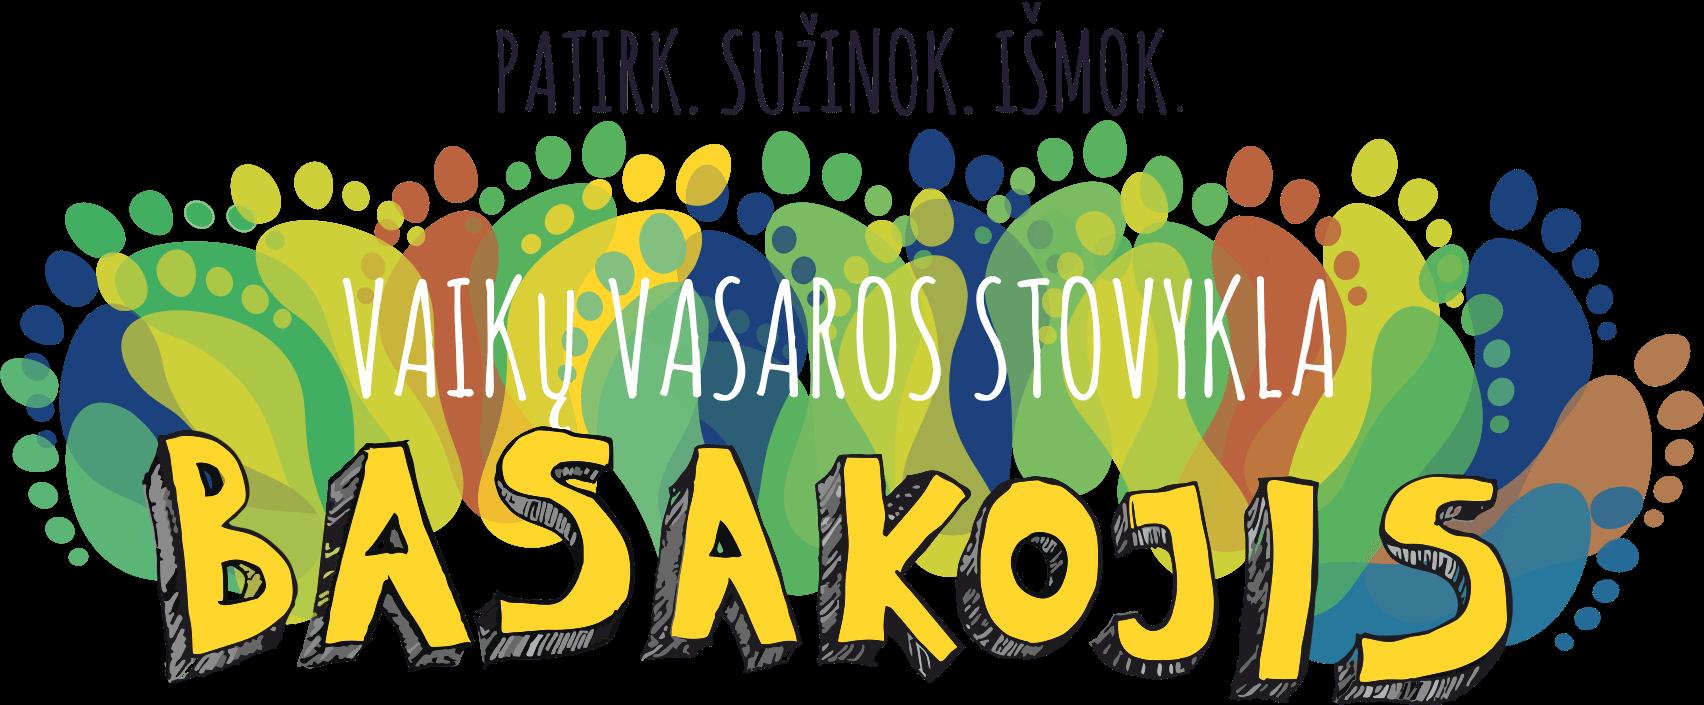 StovyklaBasakojis vaiku stovykla logo